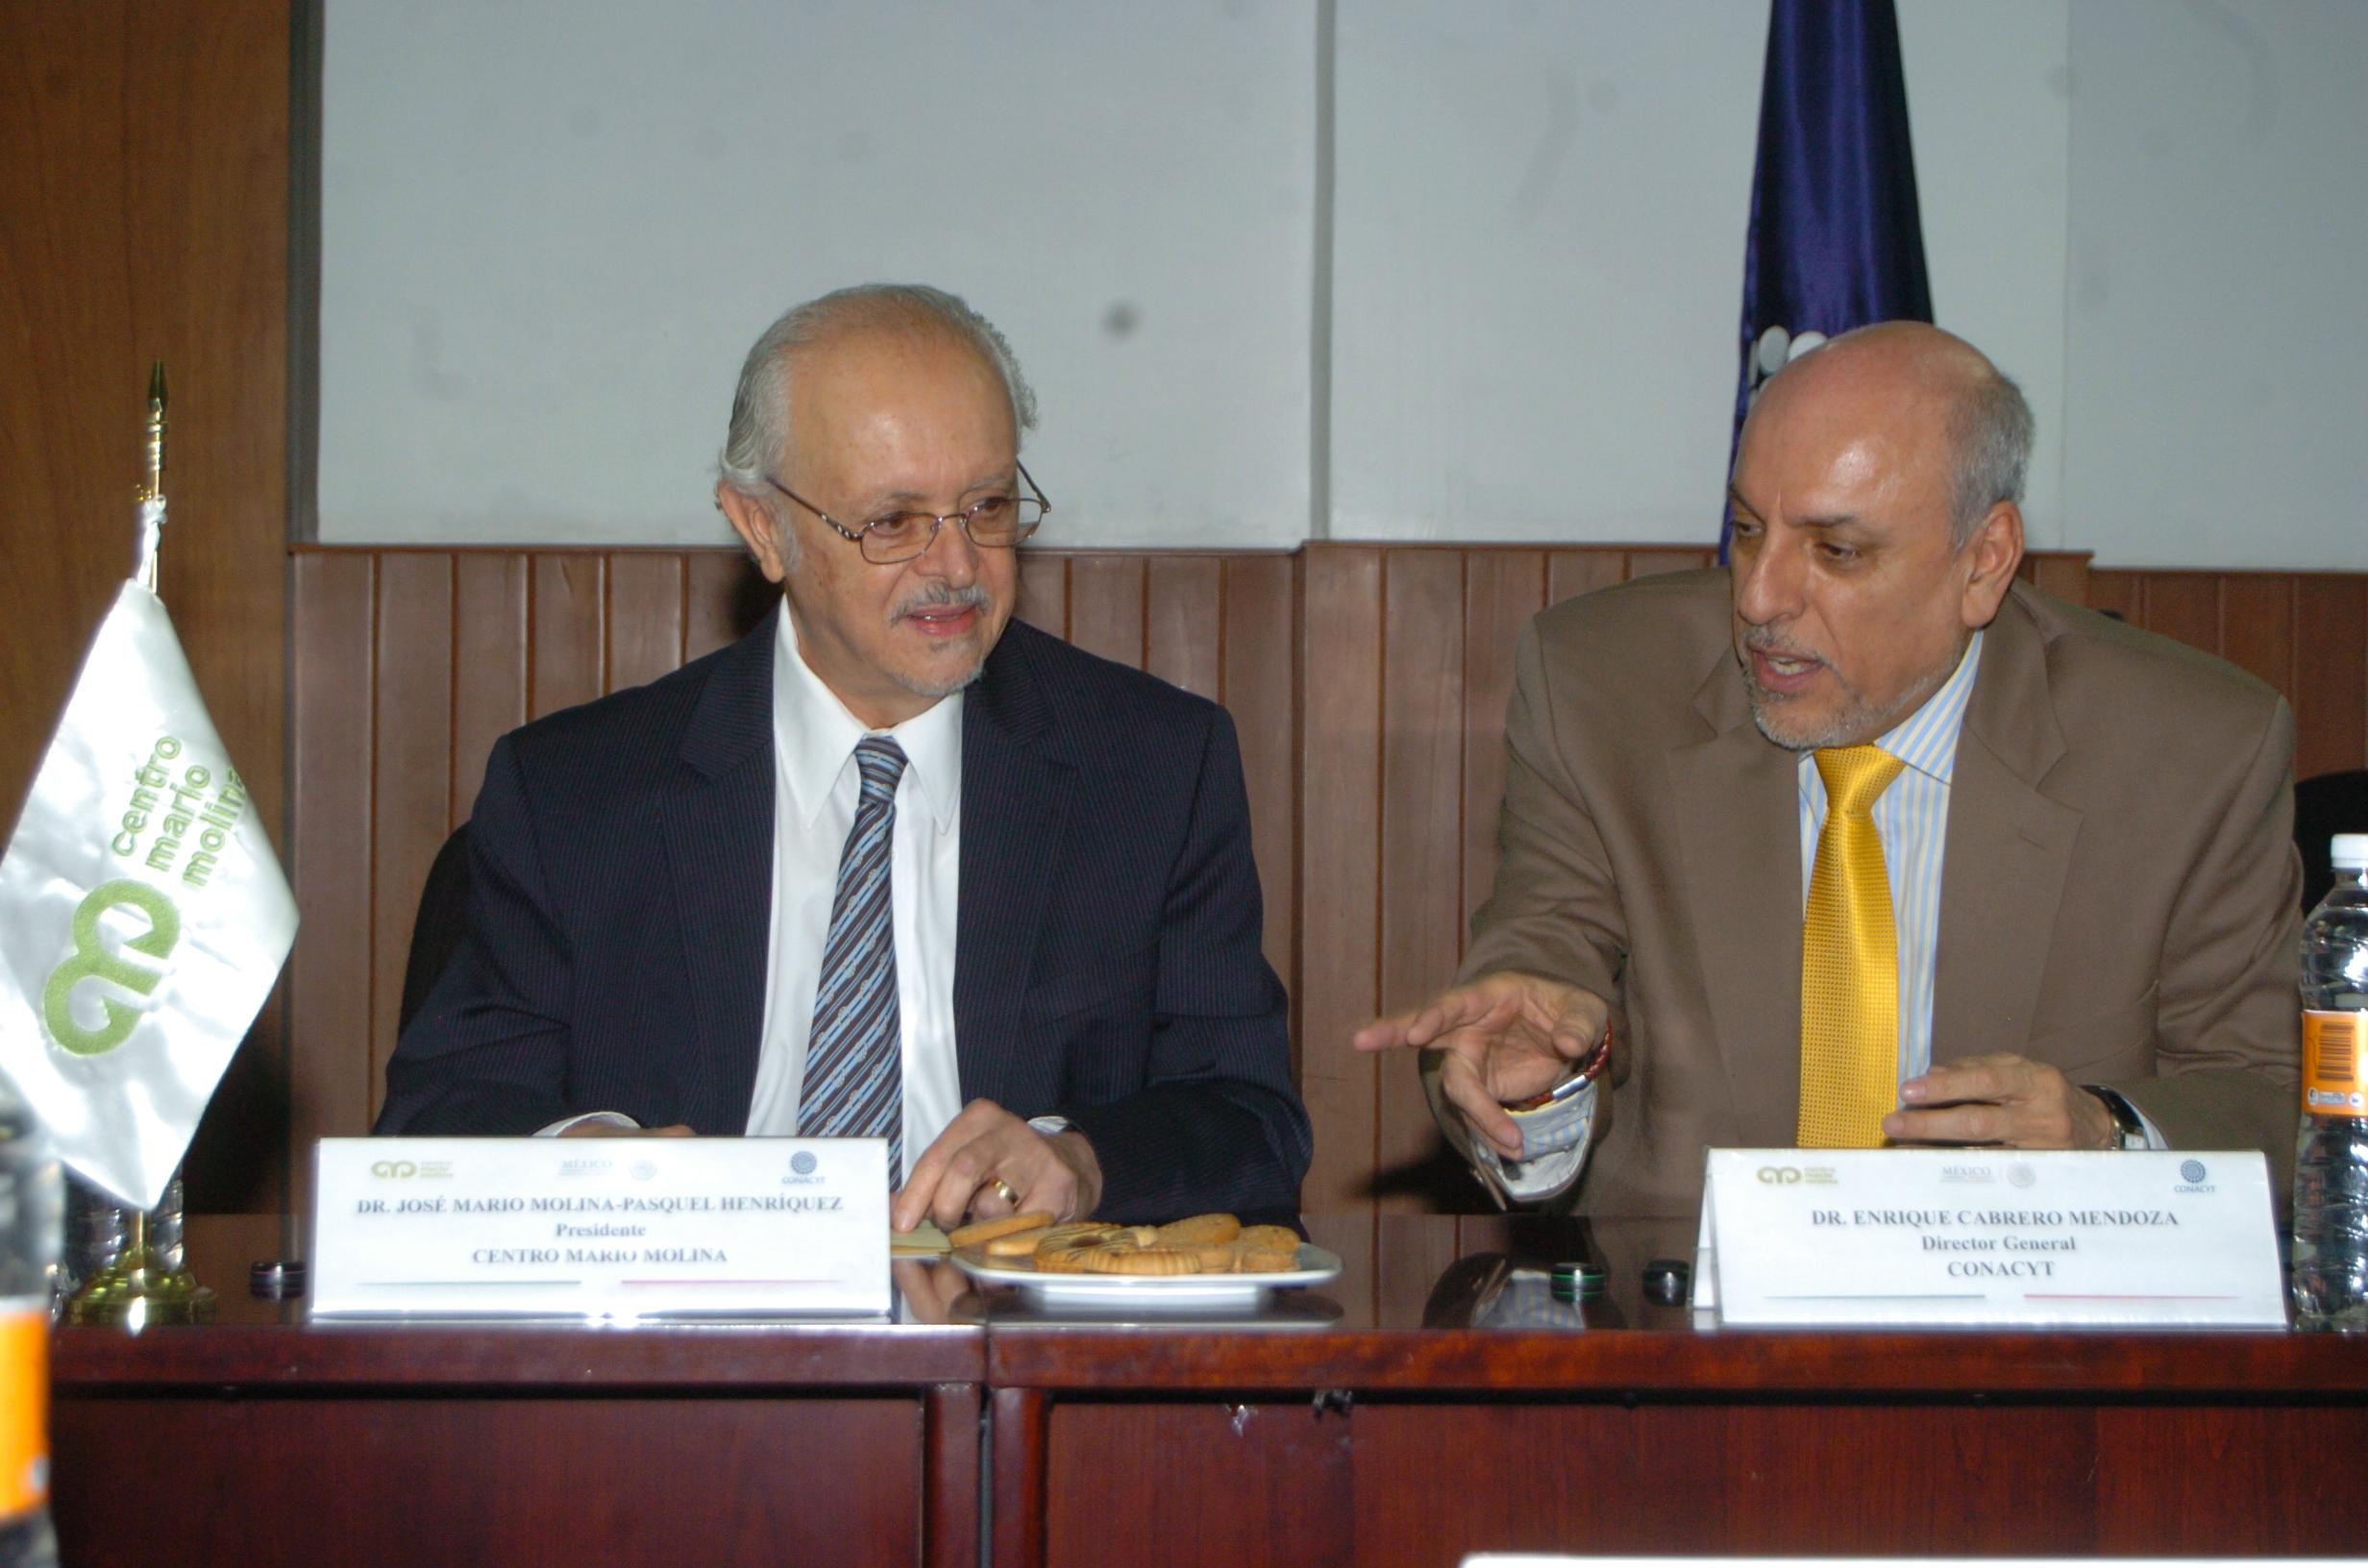 Dr. Mario Molina y Dr. Enrique Cabrero